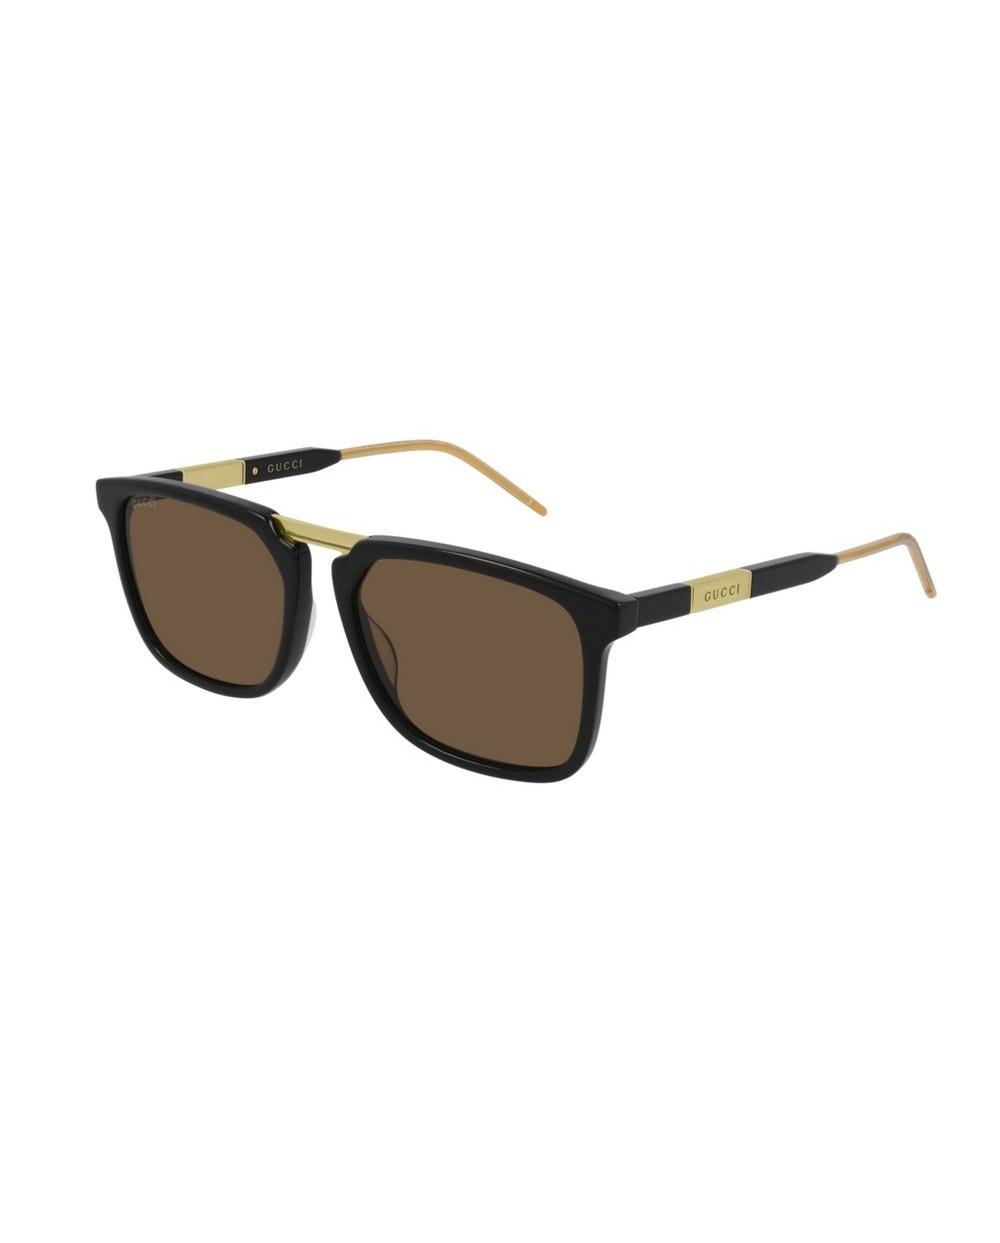 Occhiale da sole Gucci GG 0842S originale garanzia italia